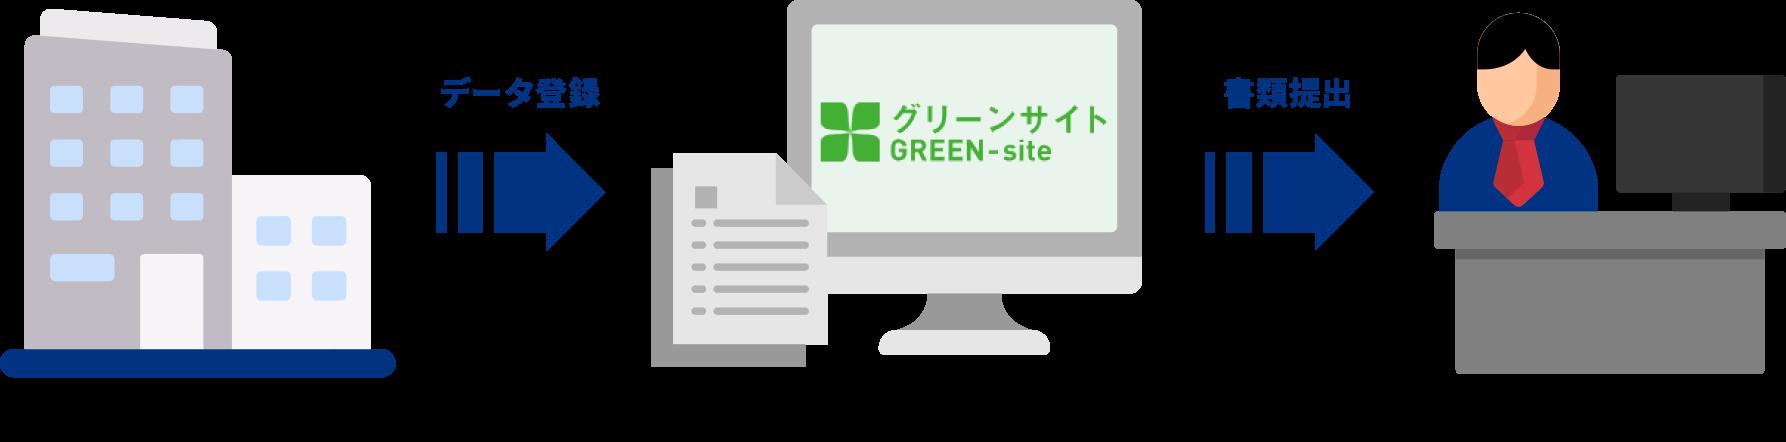 GREEN-siteの流れ